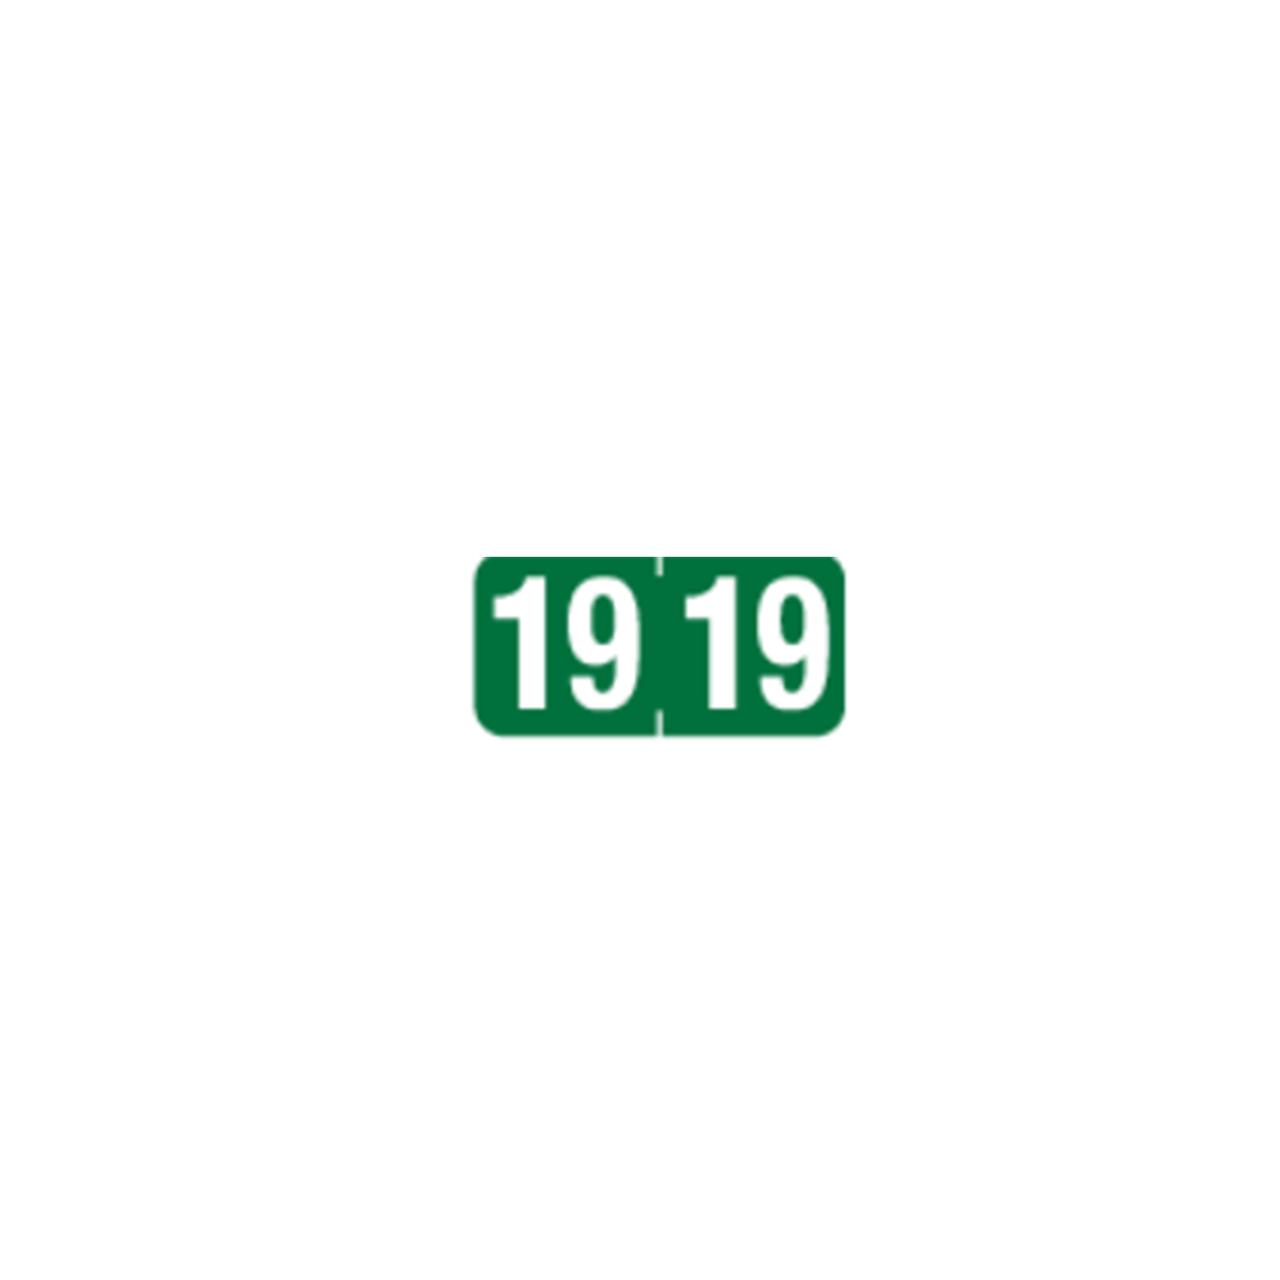 """Ames""""2019"""" Year Label 1-7/8"""" W x  1 7/8H, 1000/Roll"""